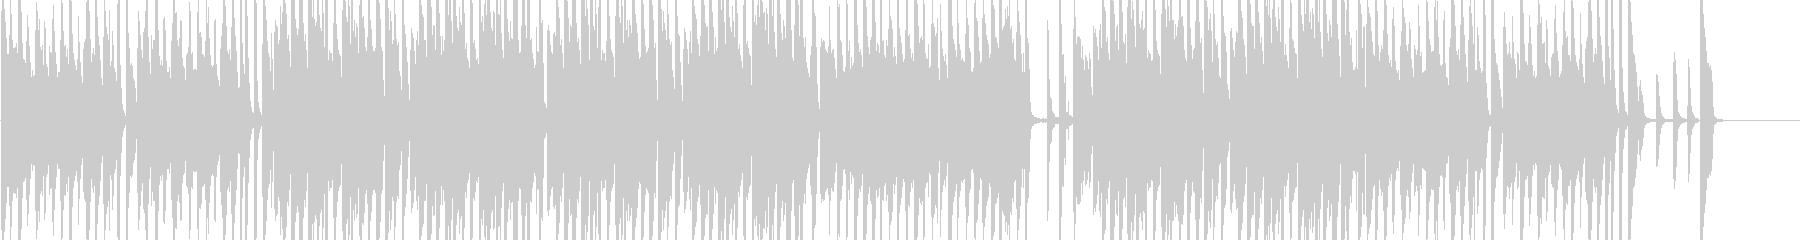 オシャレなジャズBGMロングver.の未再生の波形